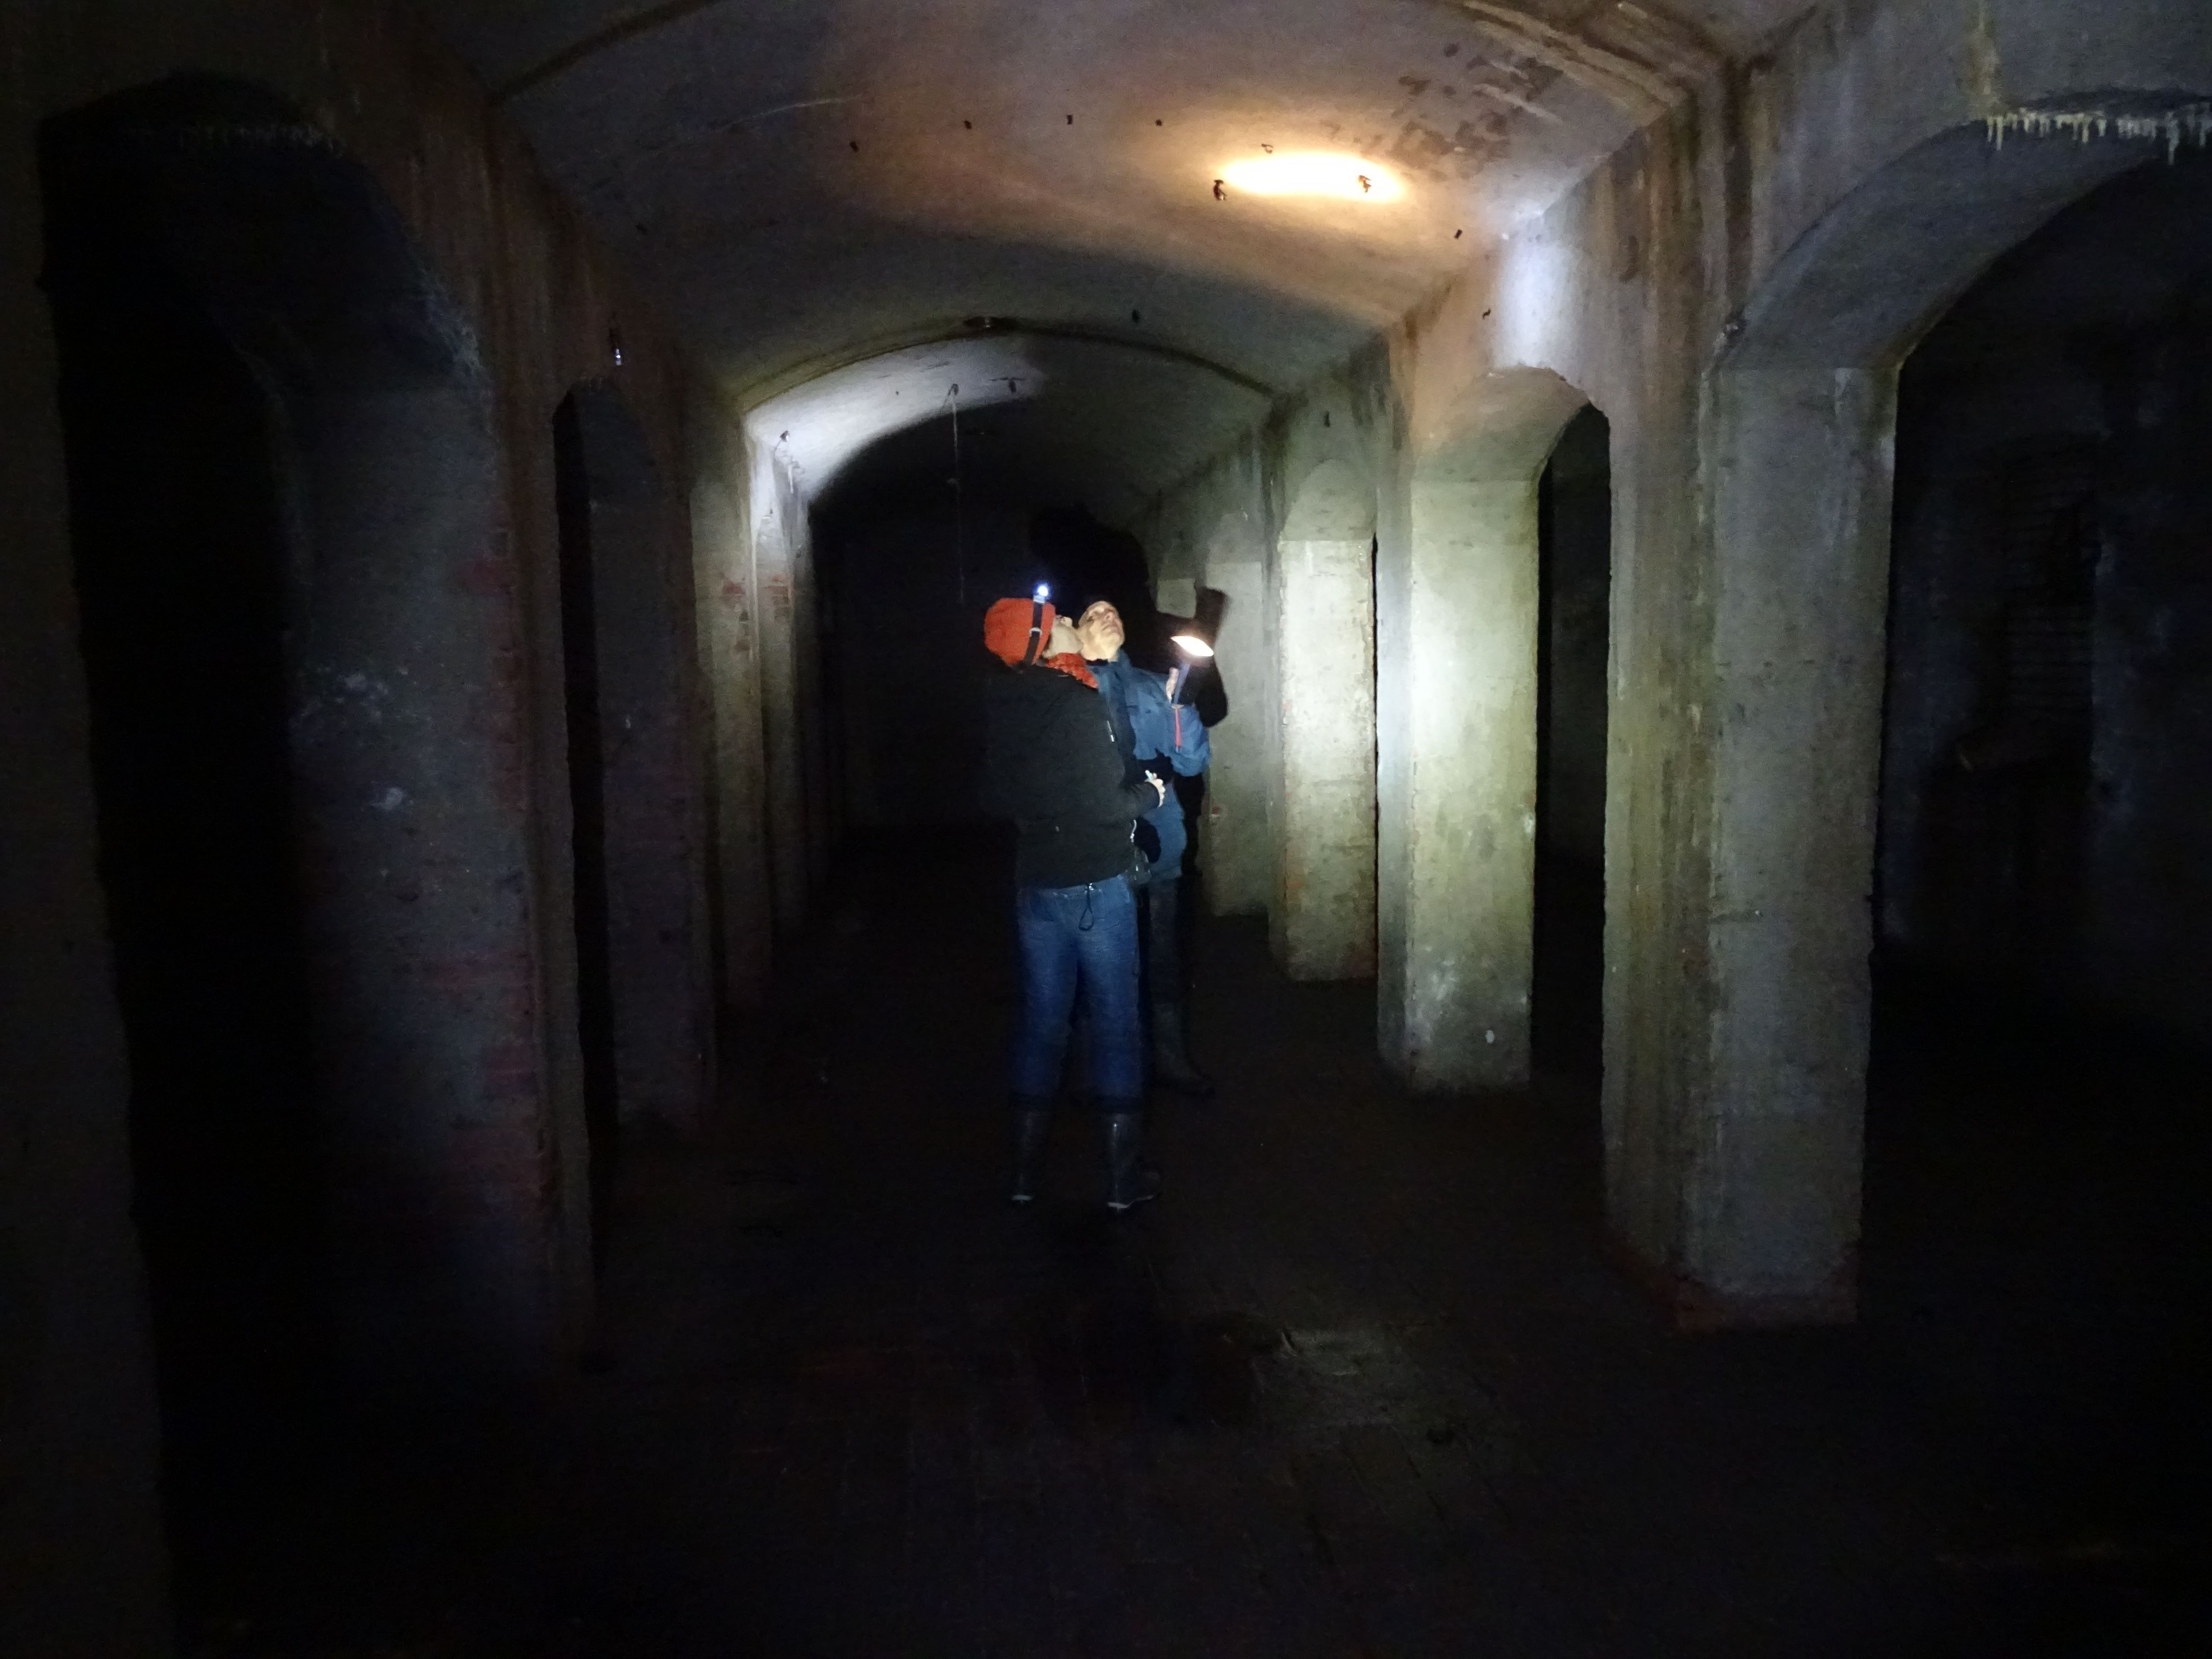 Op onderzoek in de aardappelkelder van Kamp Westerbork